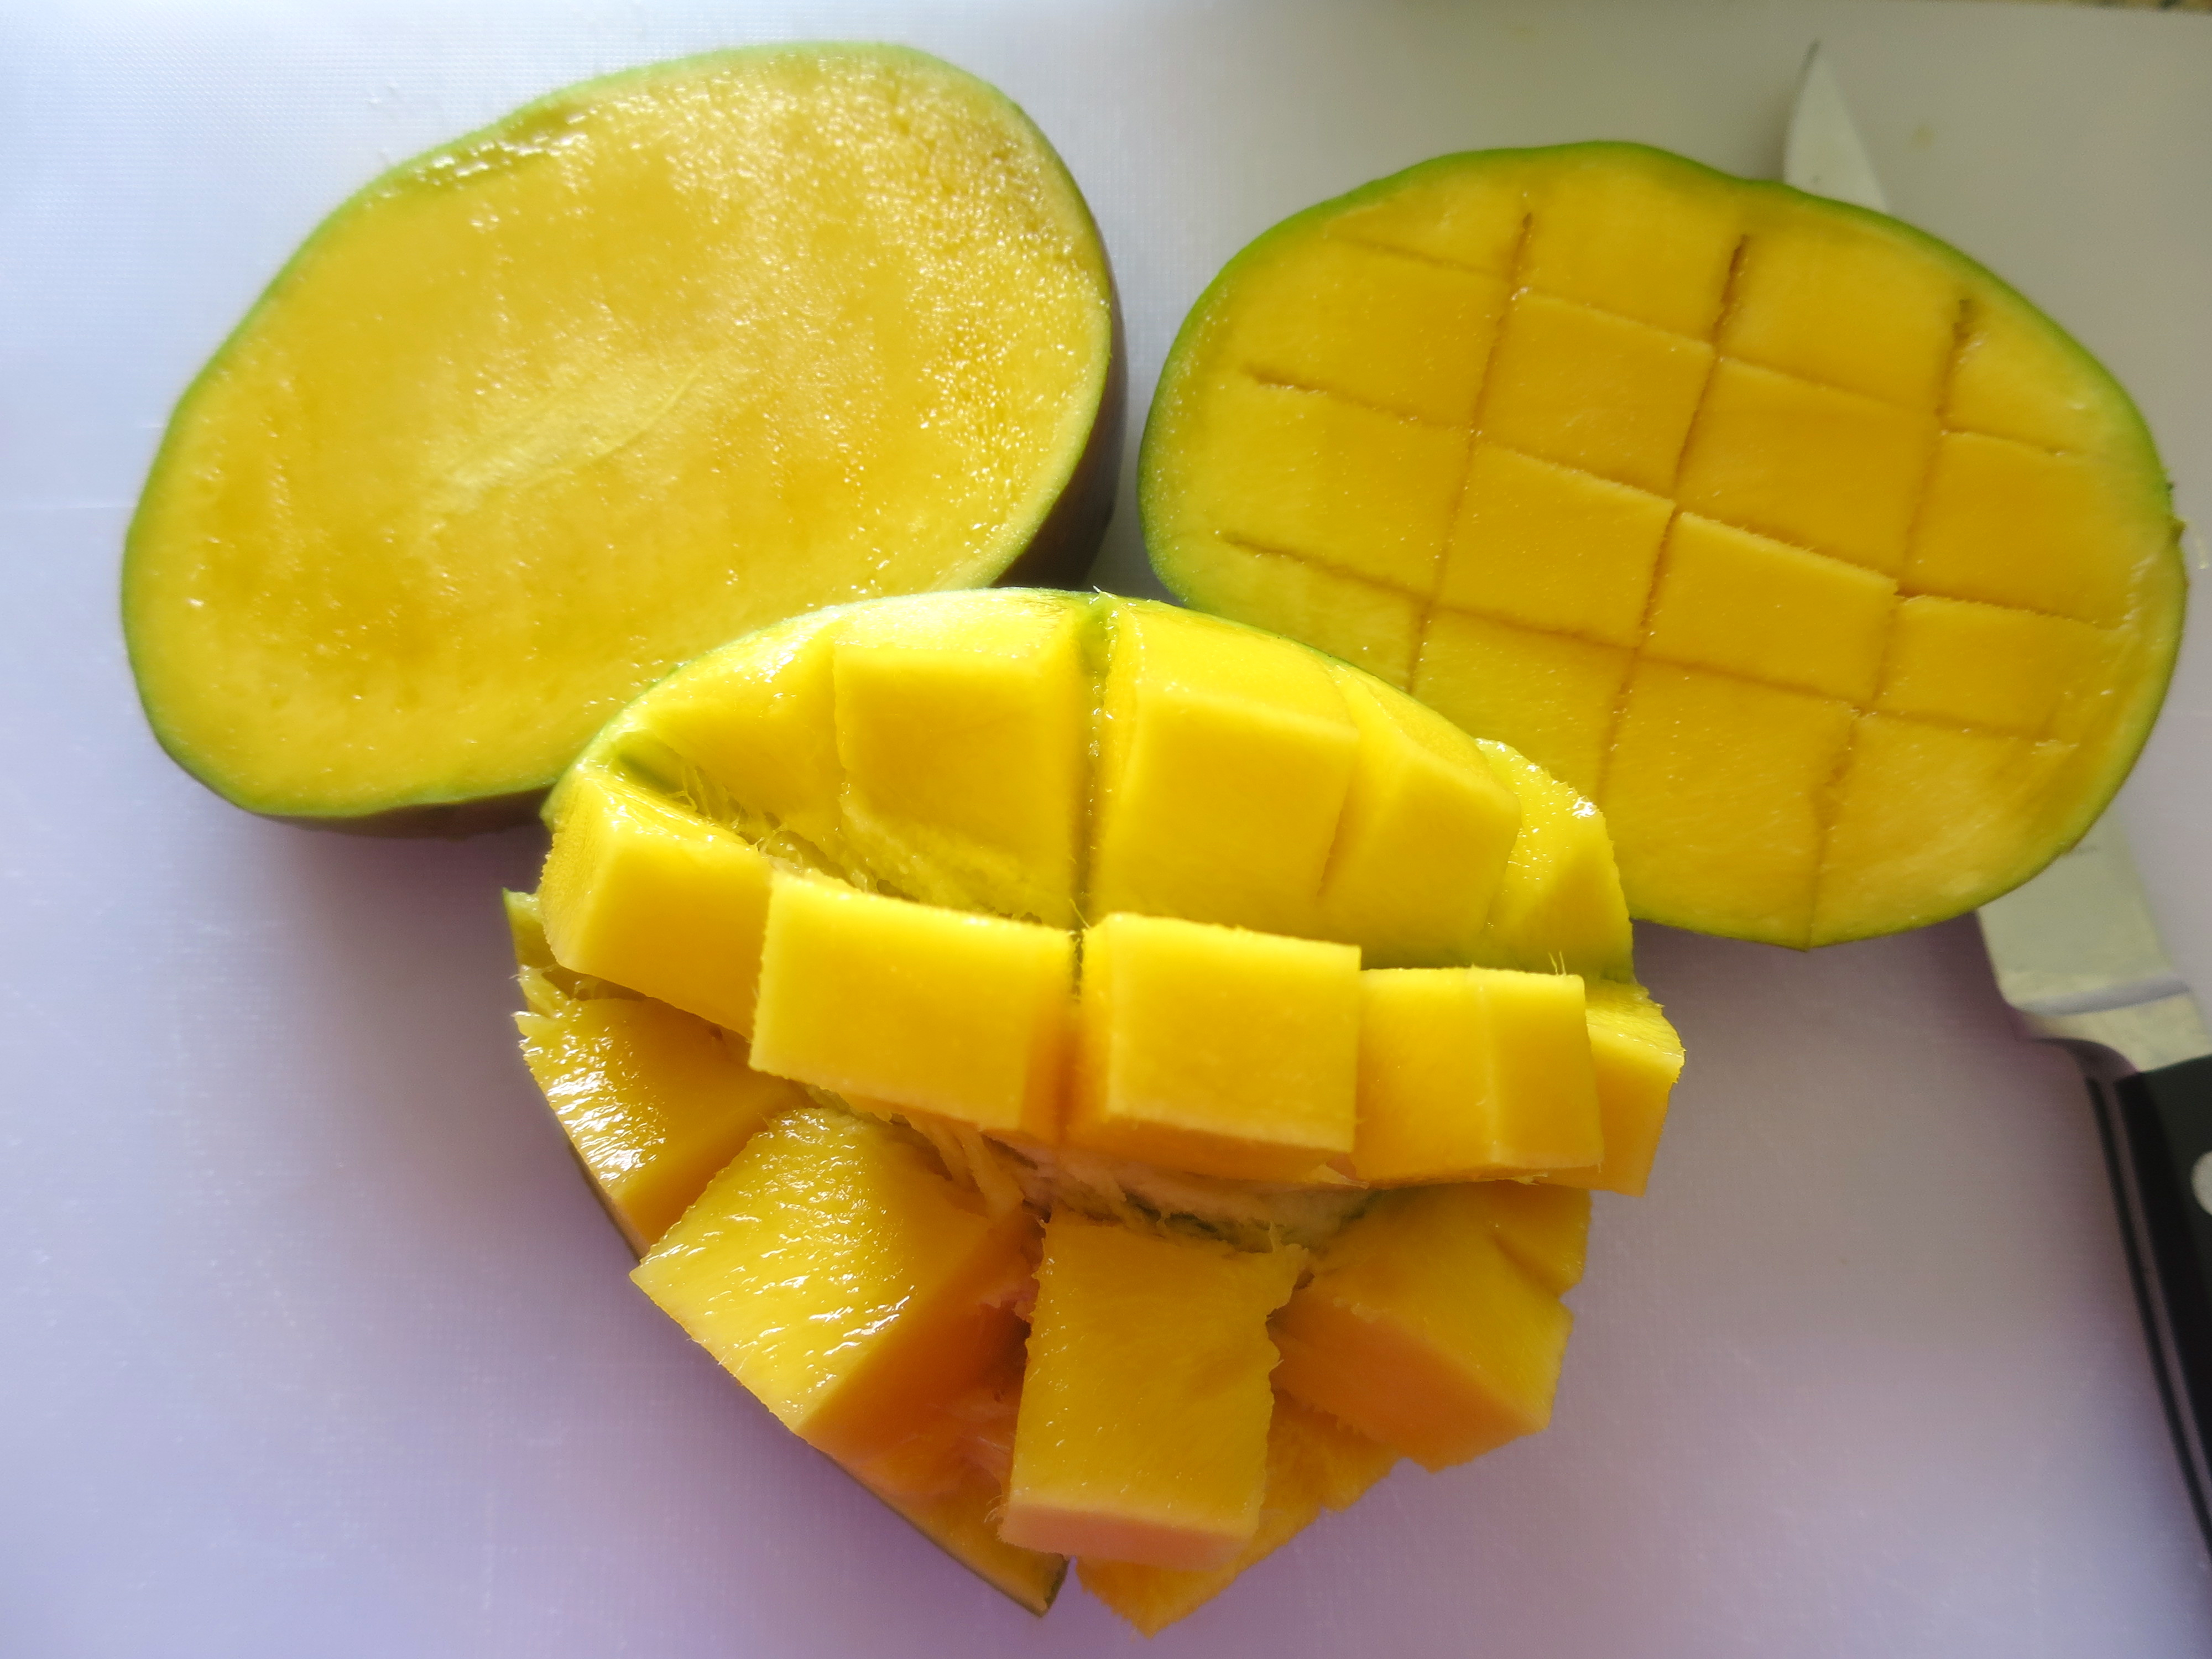 tasty how to cut a mango